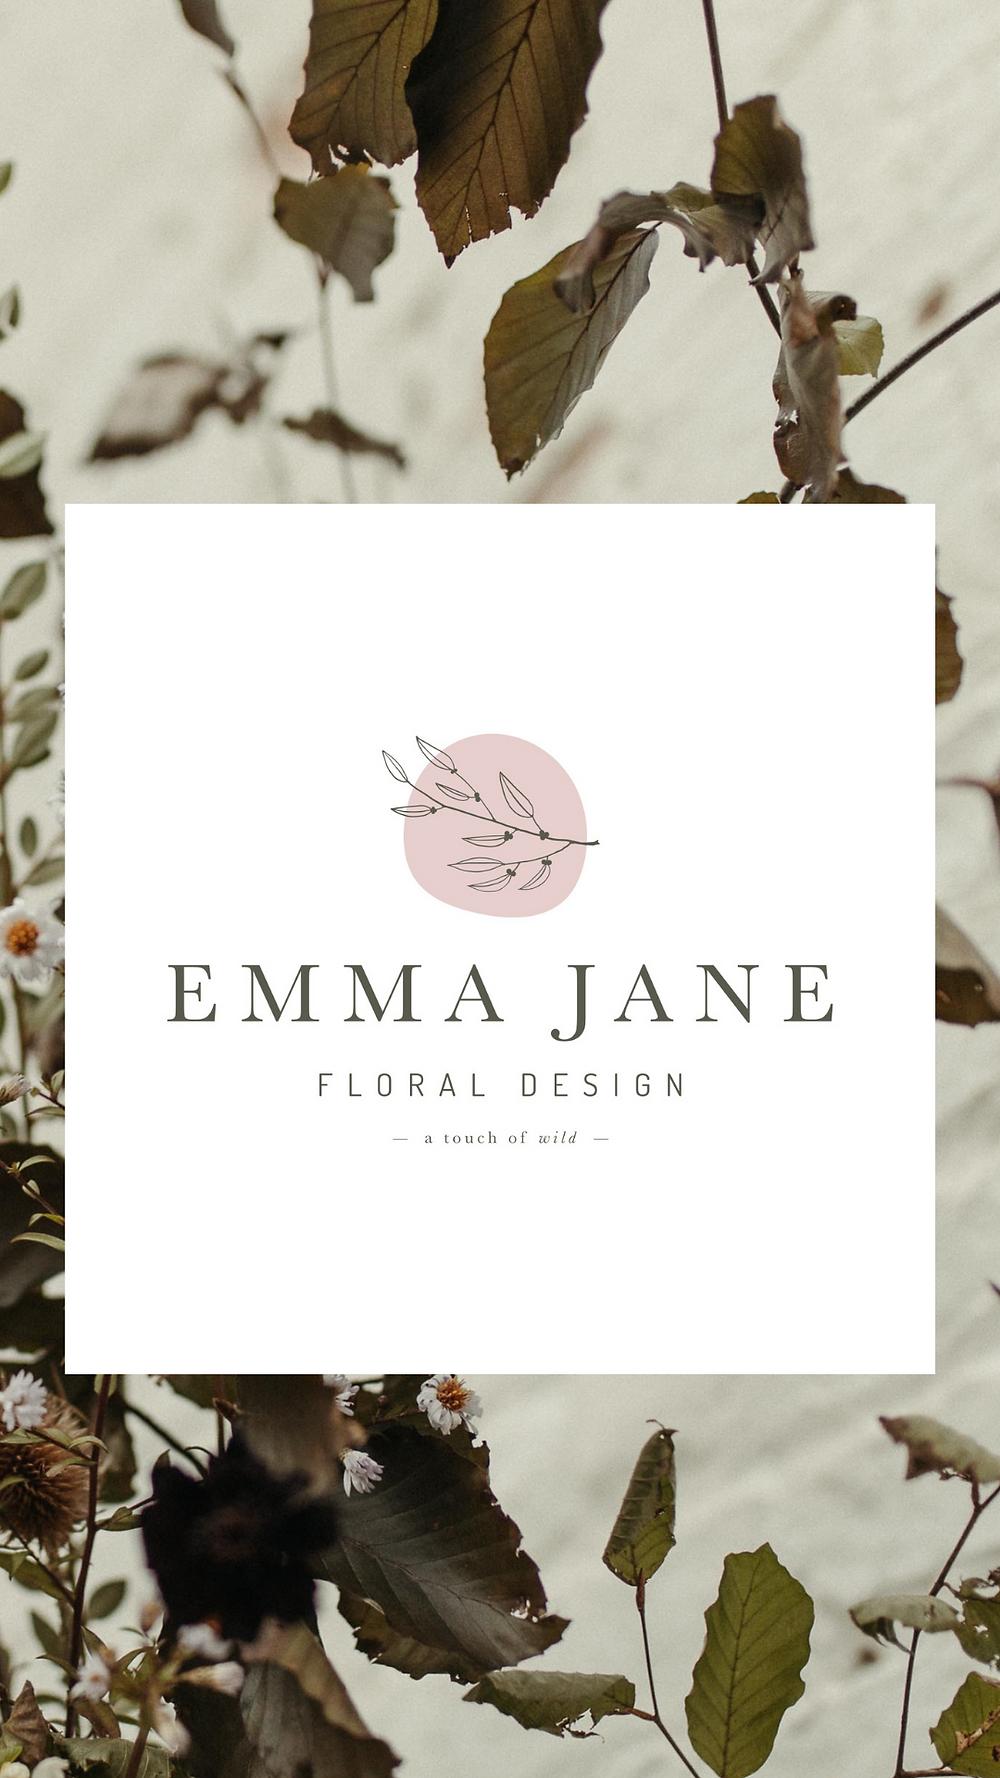 Emma Jane Floral Design logo with floral installation background